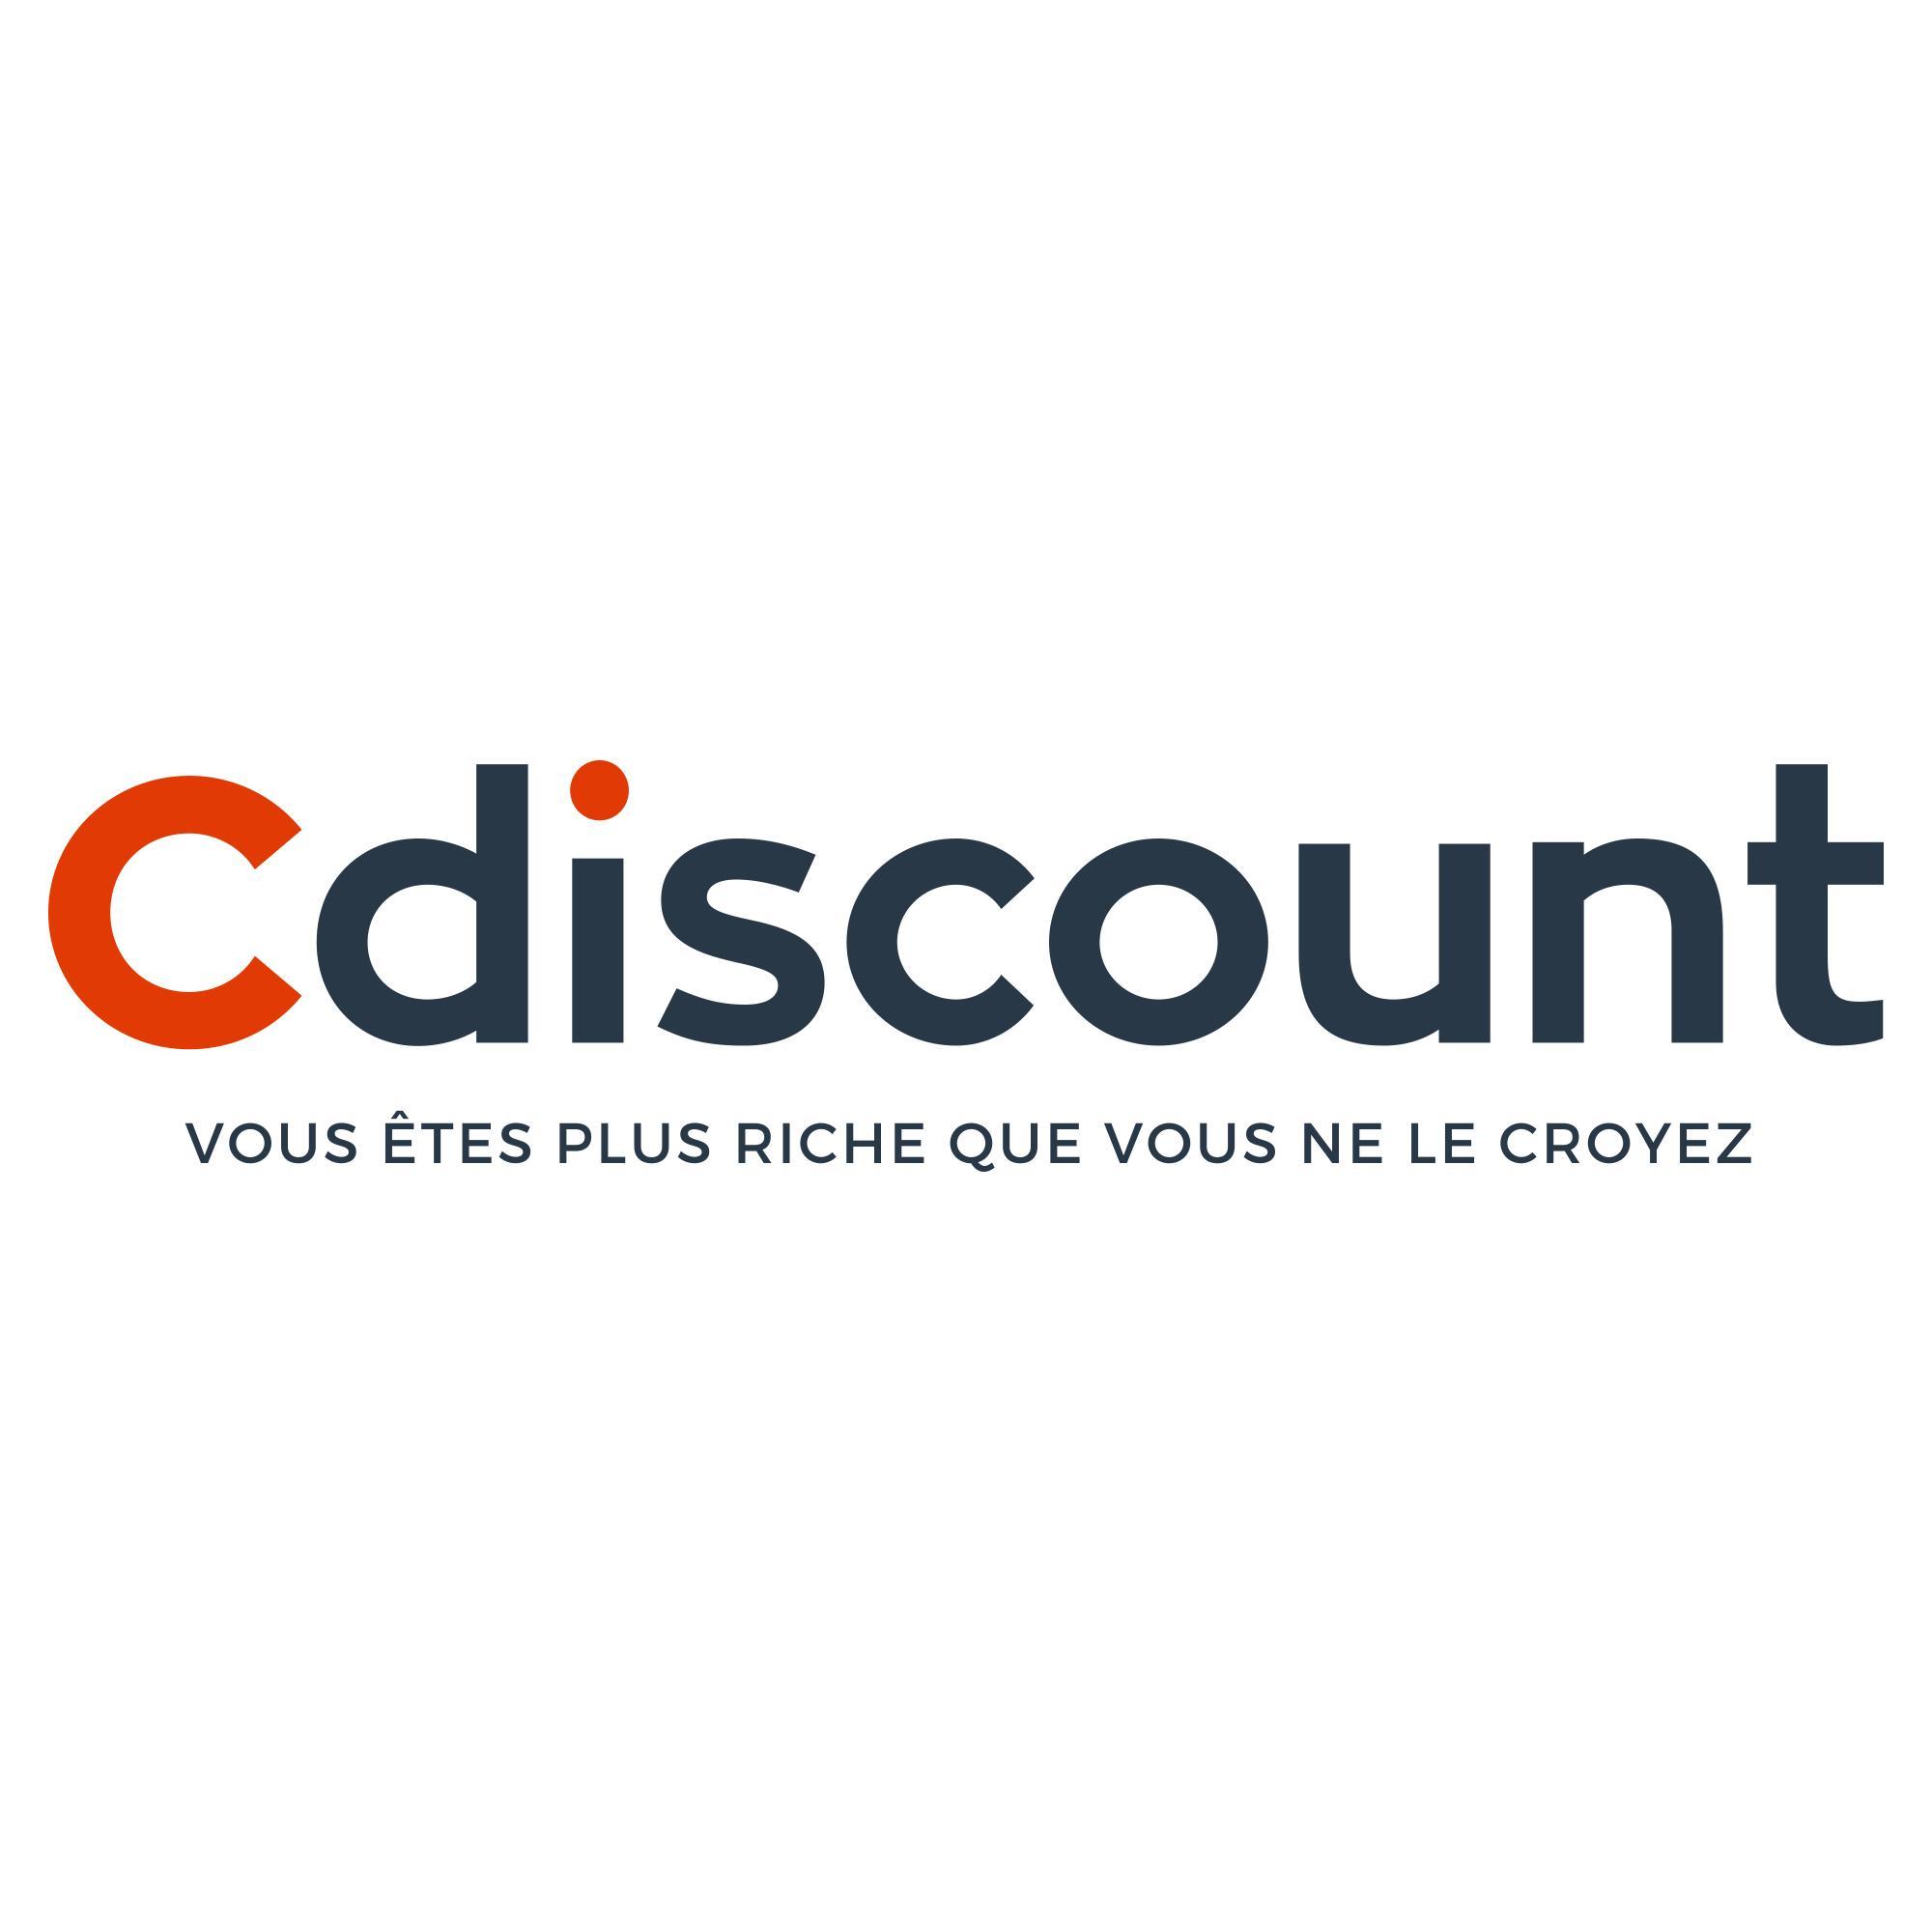 10€ de réduction dès 99€ d'achat et 25€ dès 249€ d'achat sur tout le site (hors exceptions)